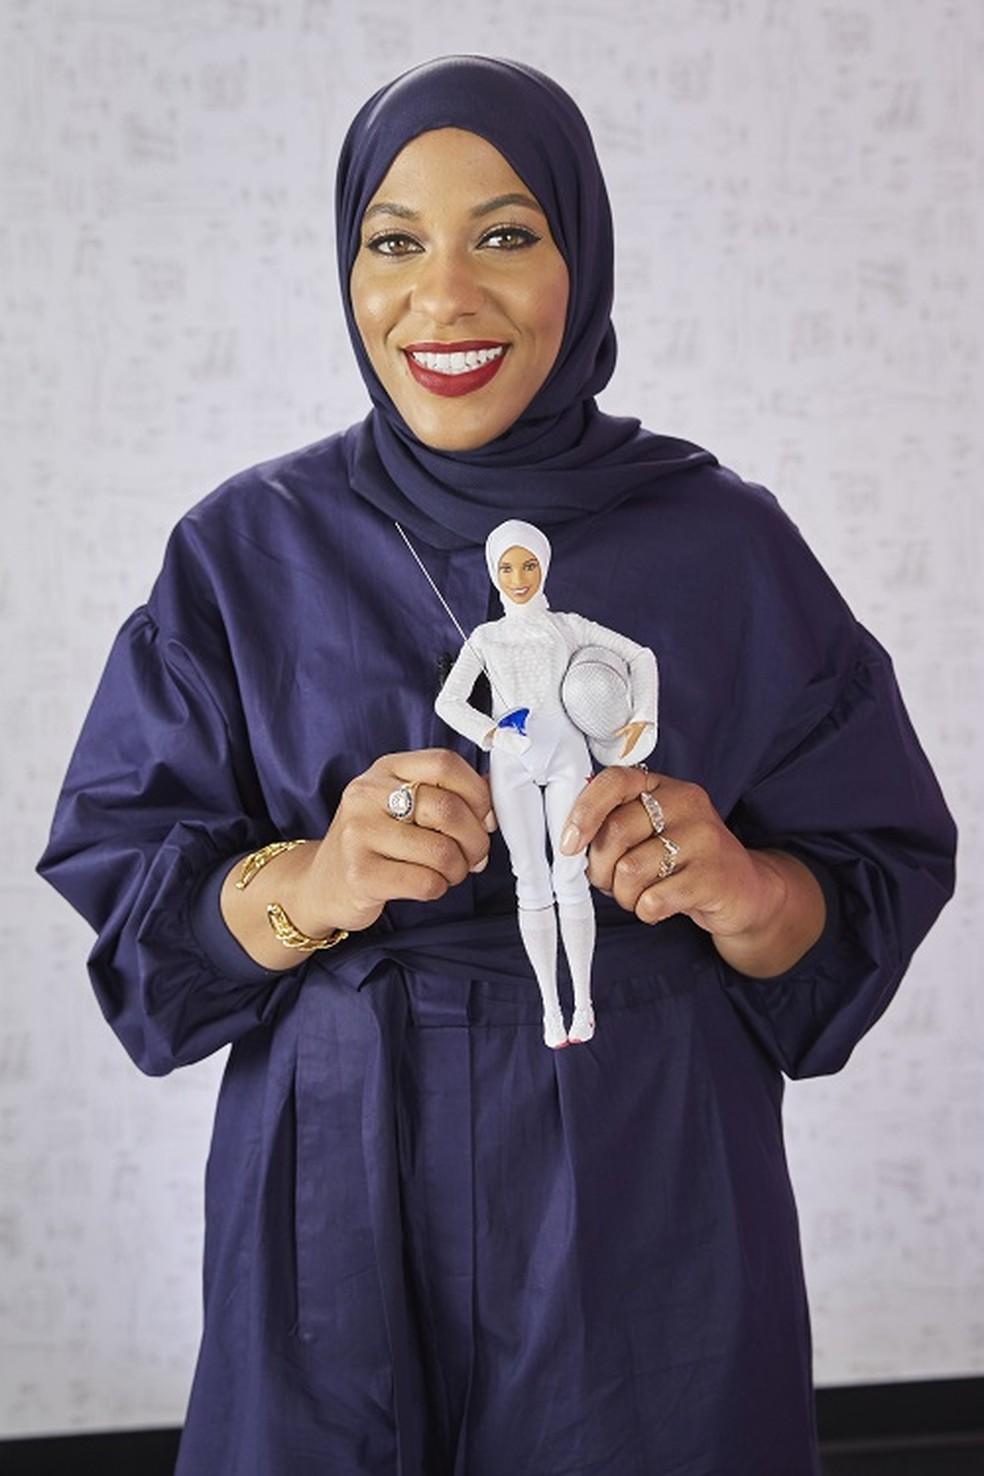 Mattel anuncia a primeira Barbie de hijab, véu islâmico, em homenagem à campeã olímpica 2